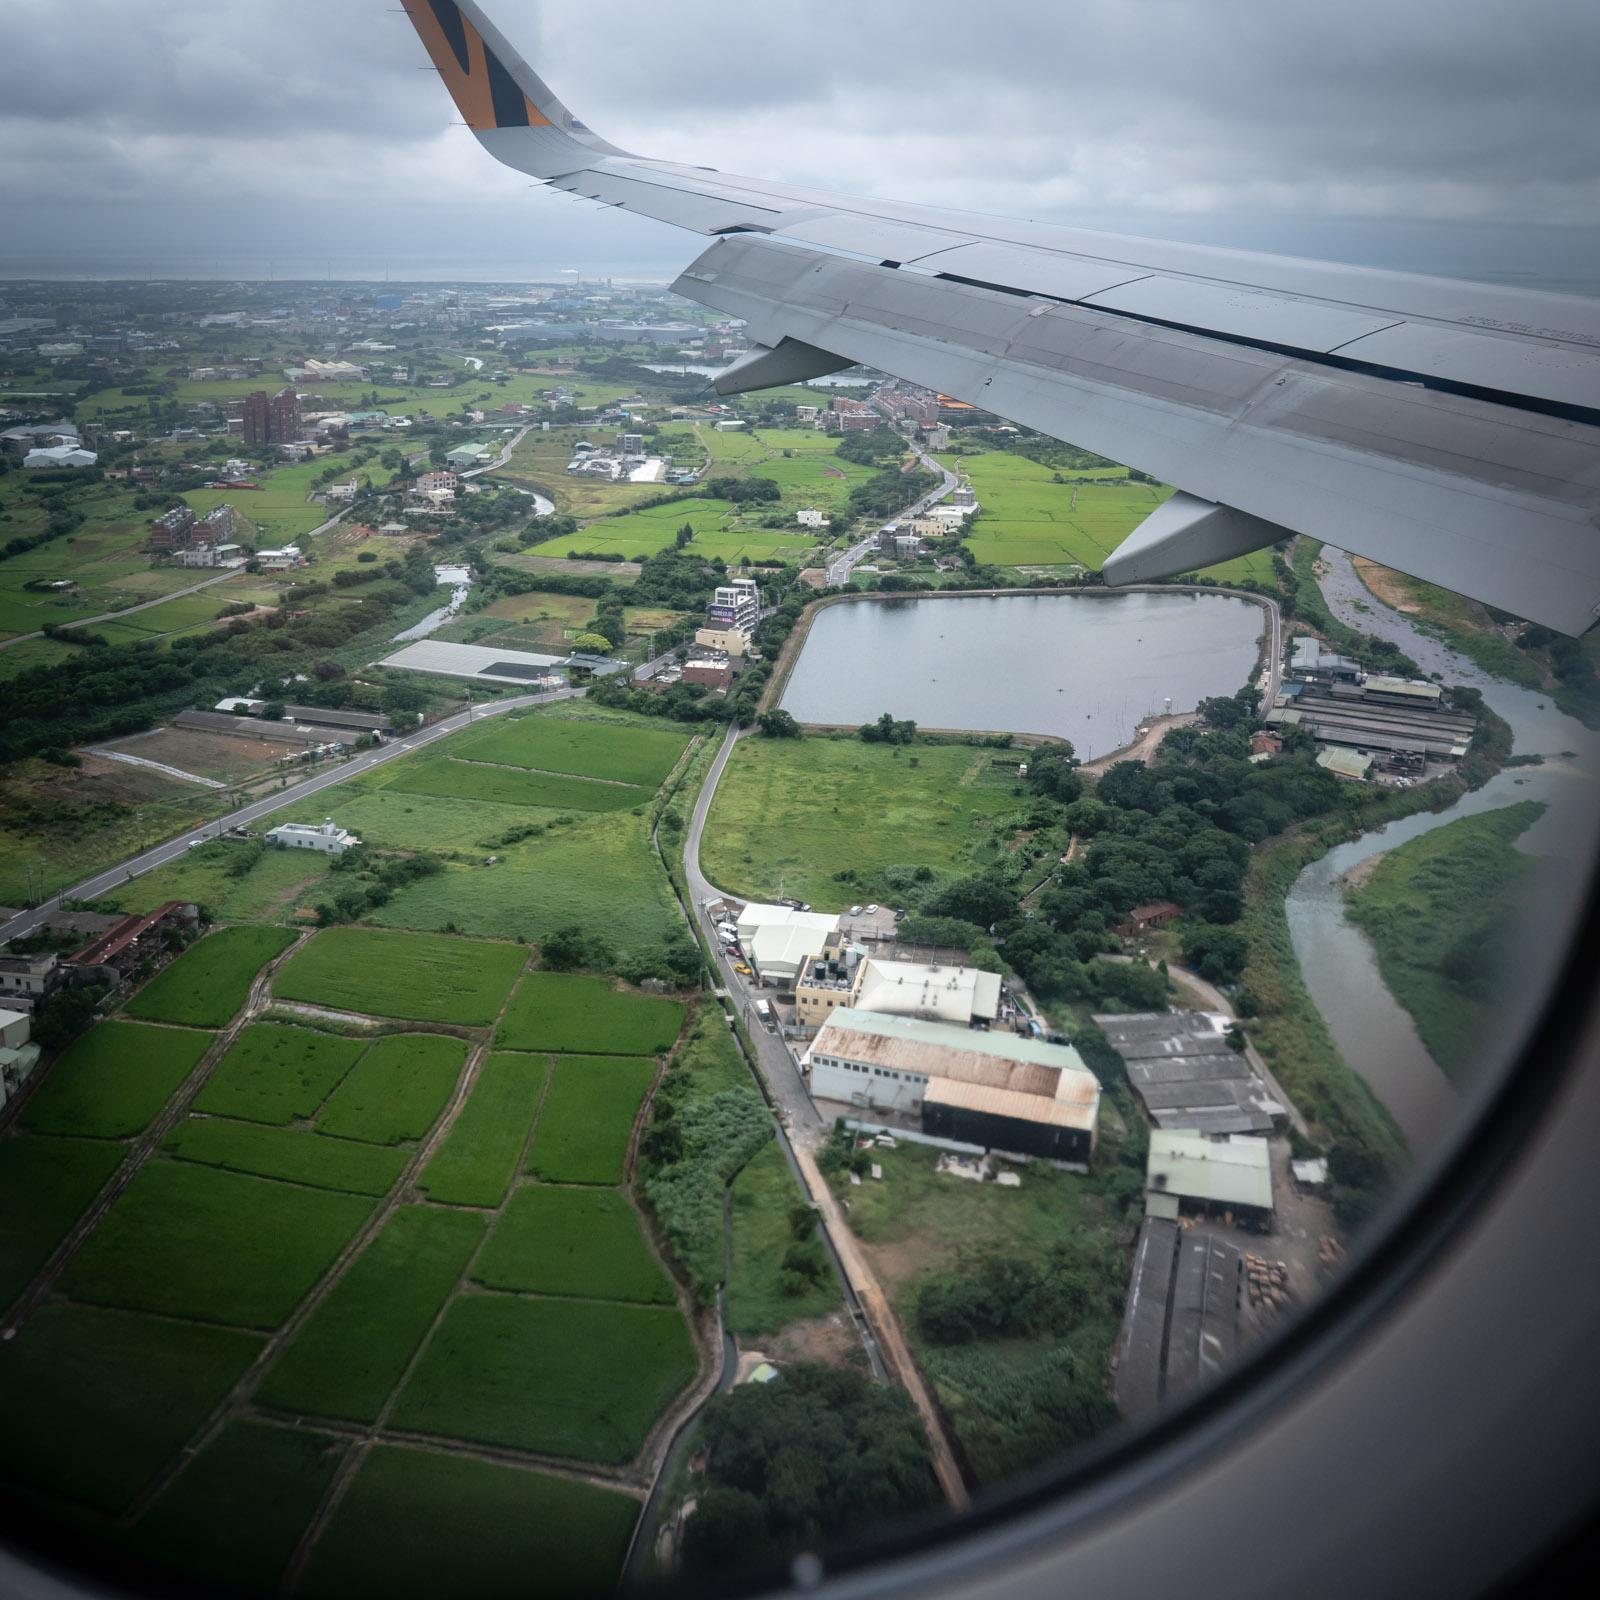 着陸寸前のタイガーエアー機から眺めた台北桃園空港付近の田園風景